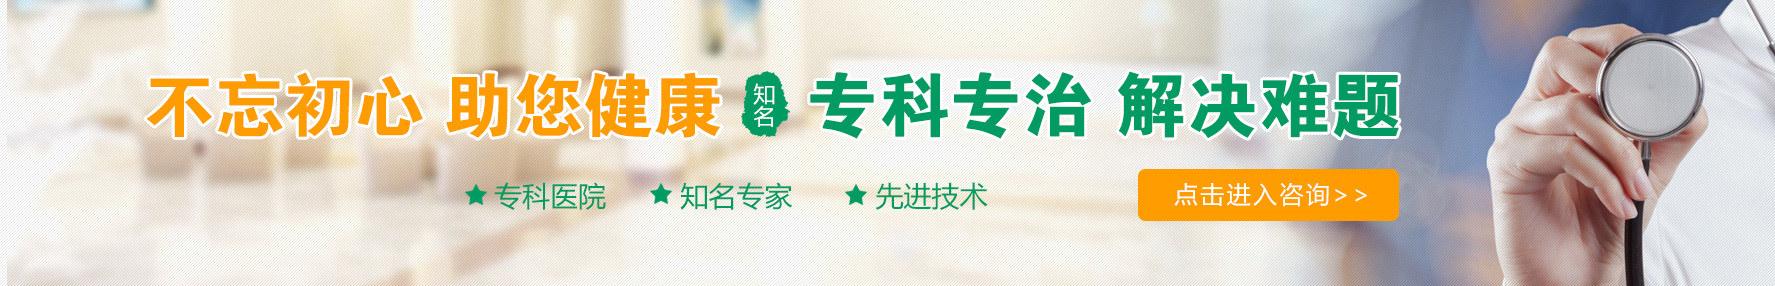 上海整形医院